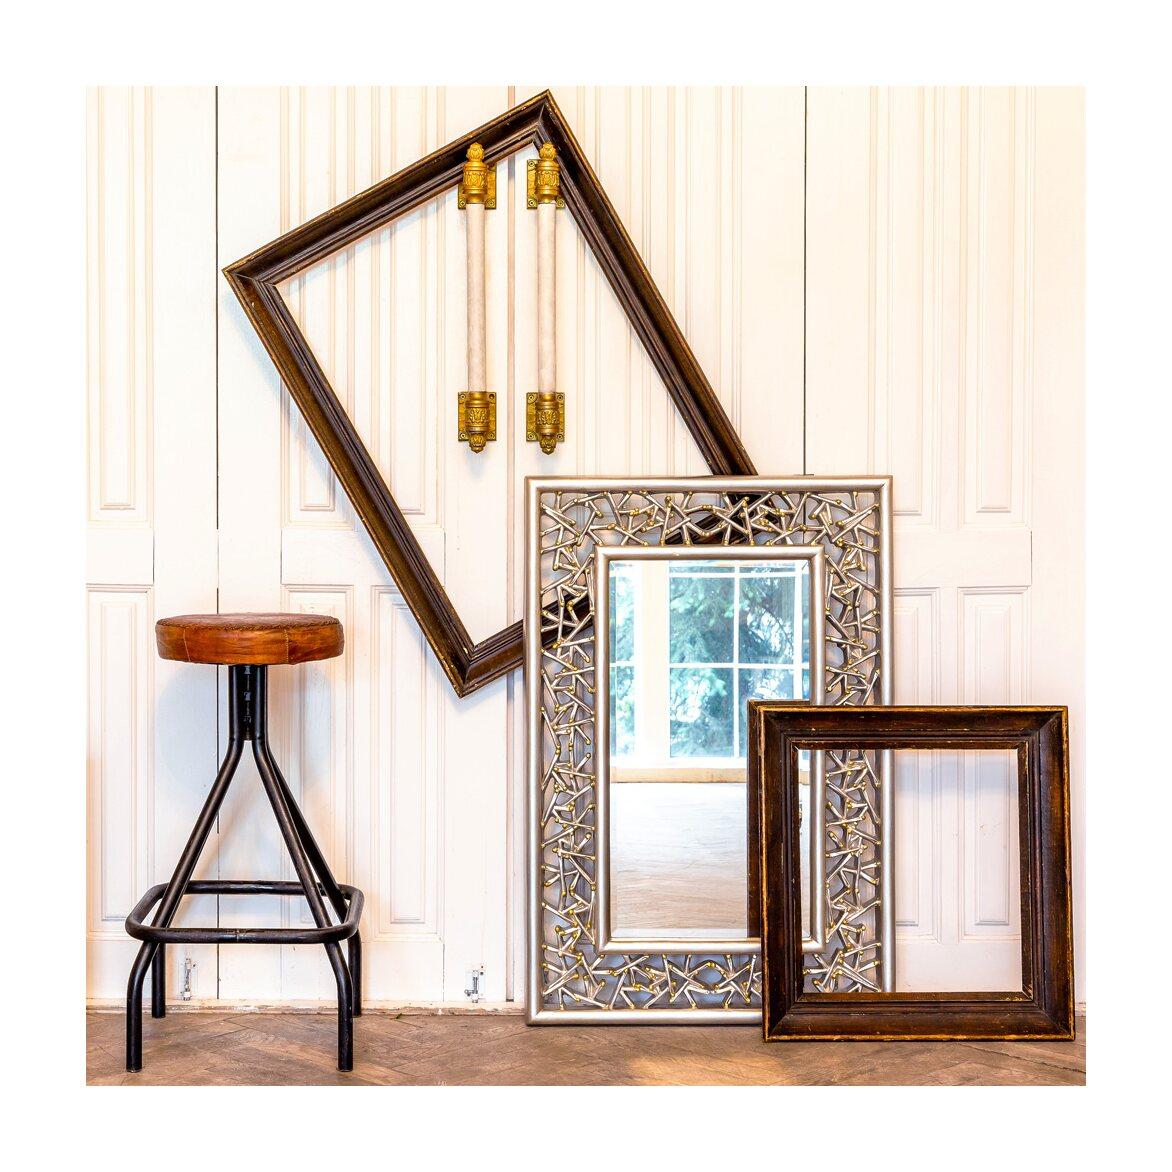 Настенное зеркало «Кашмир» 2 | Настенные зеркала Kingsby